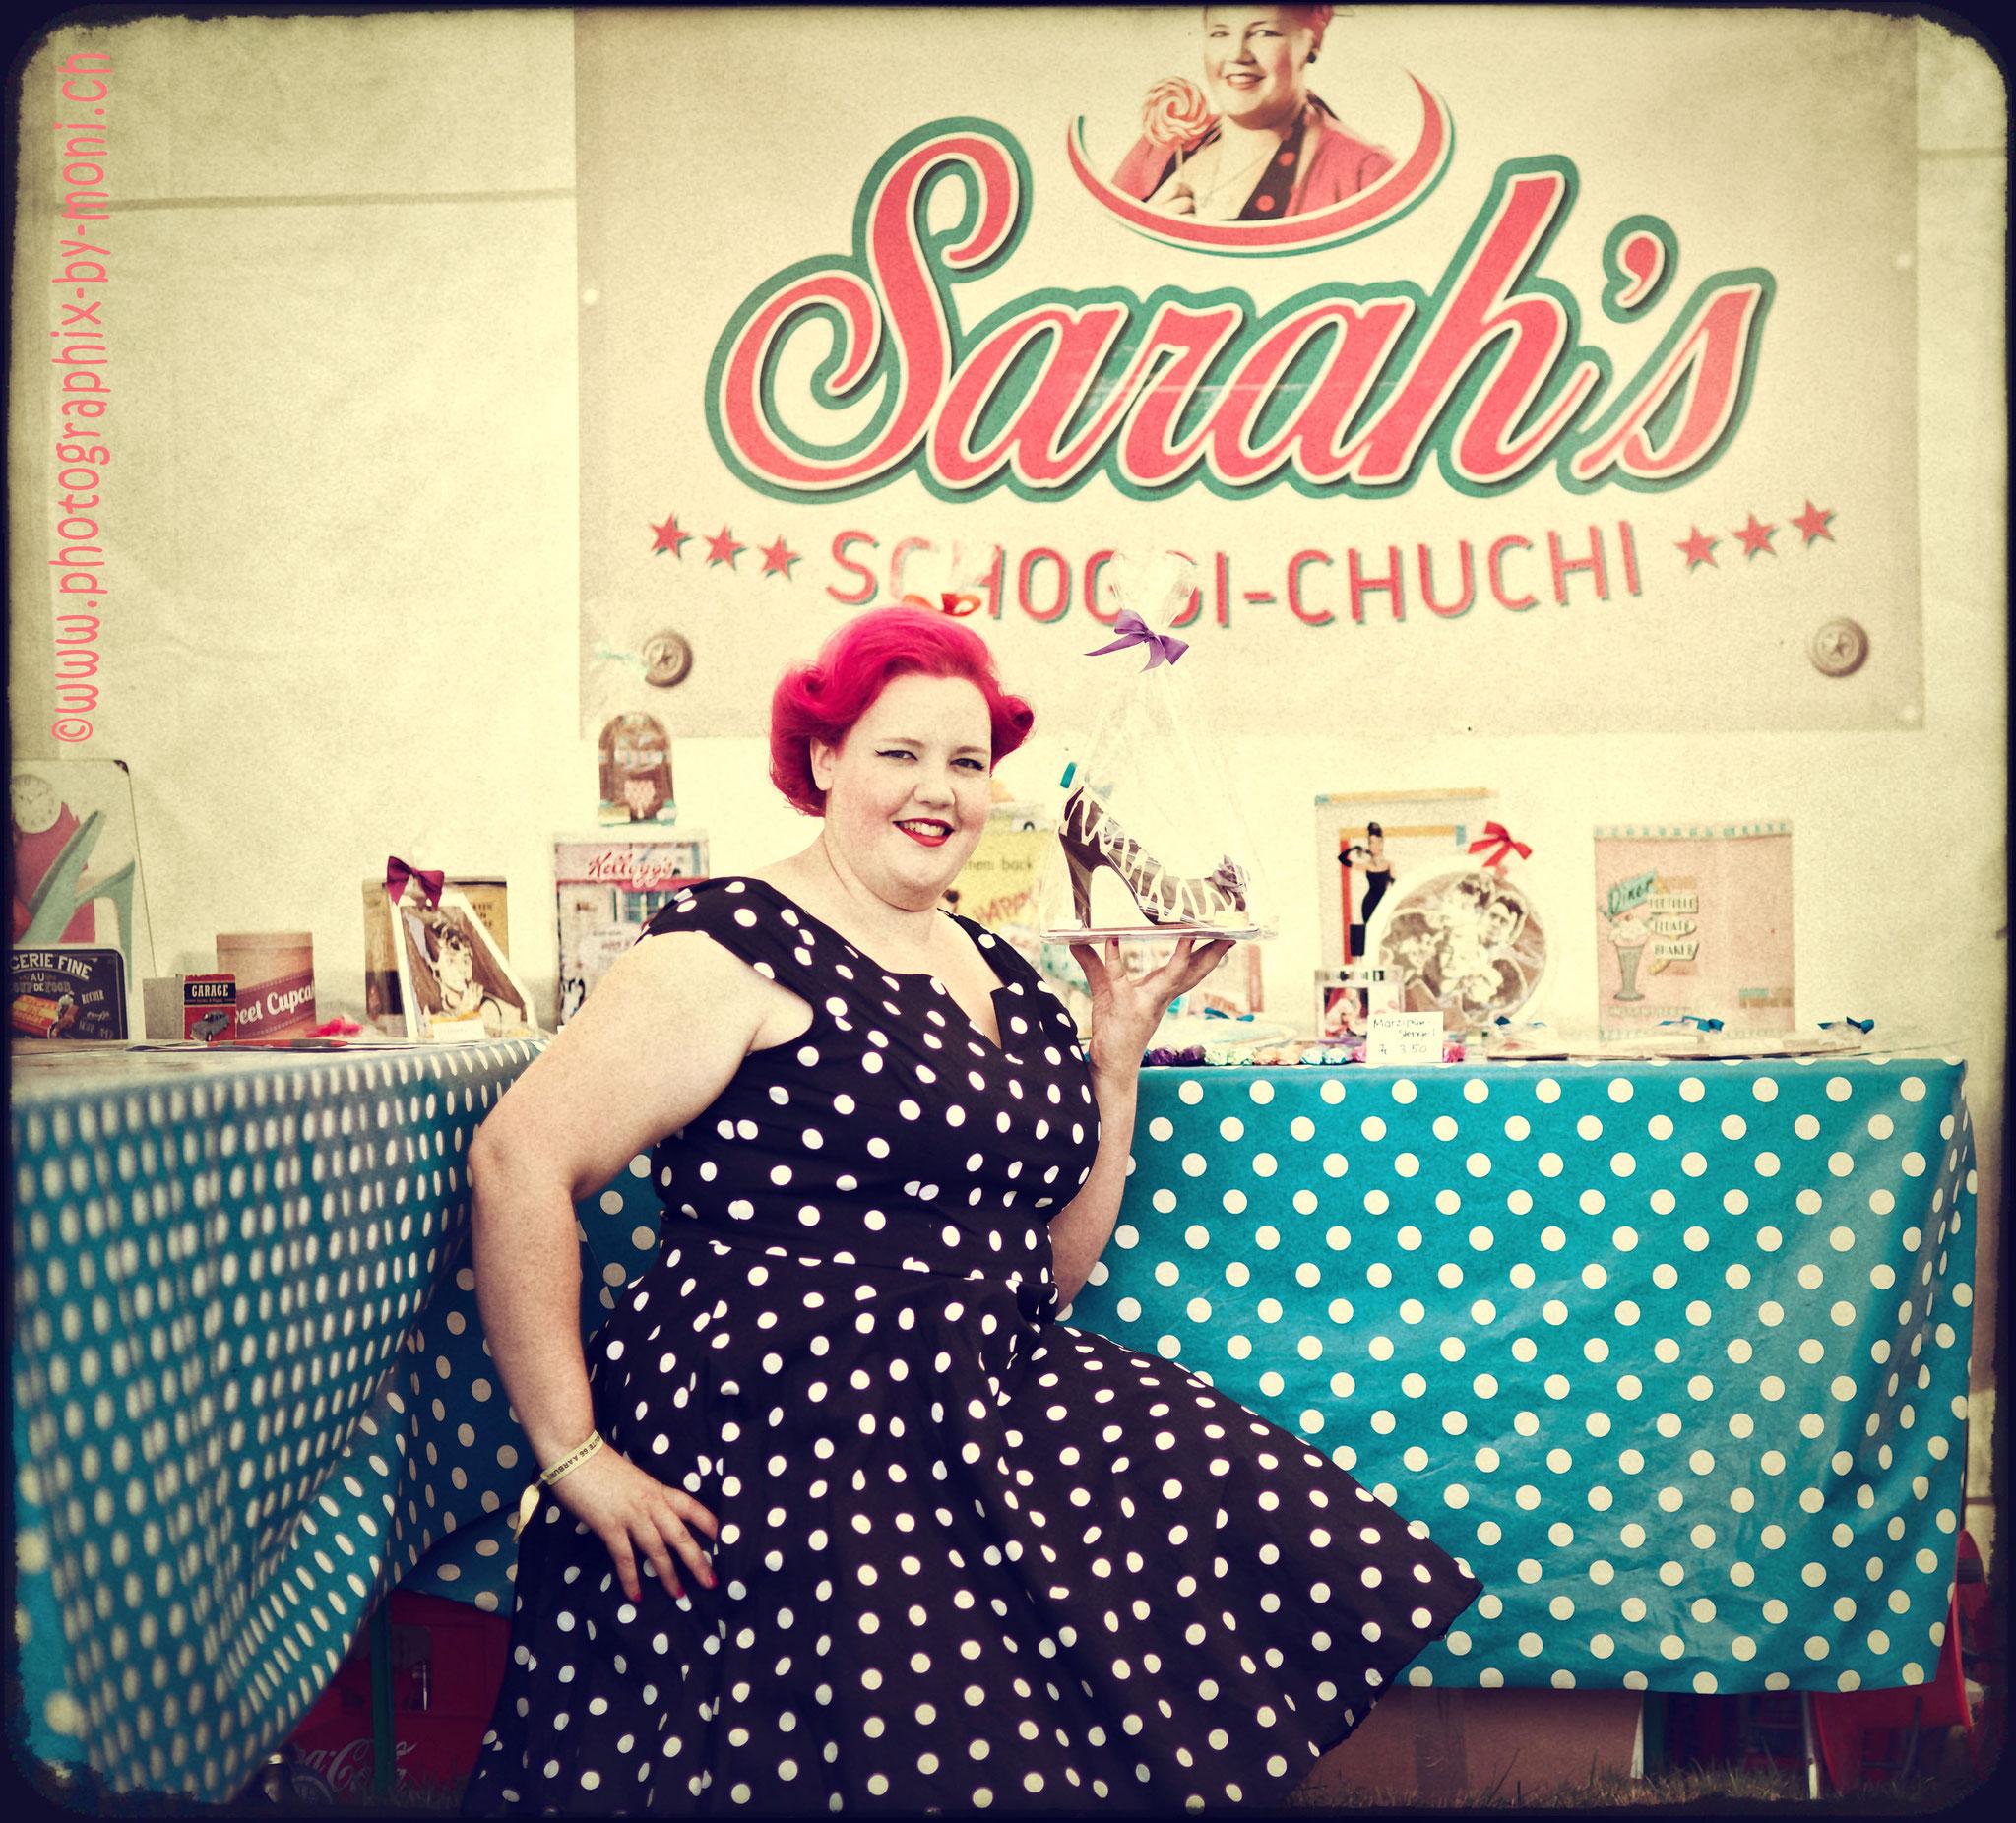 https://www.facebook.com/Sarahs-Schoggi-Chuchi-588051901247057/?pnref=story